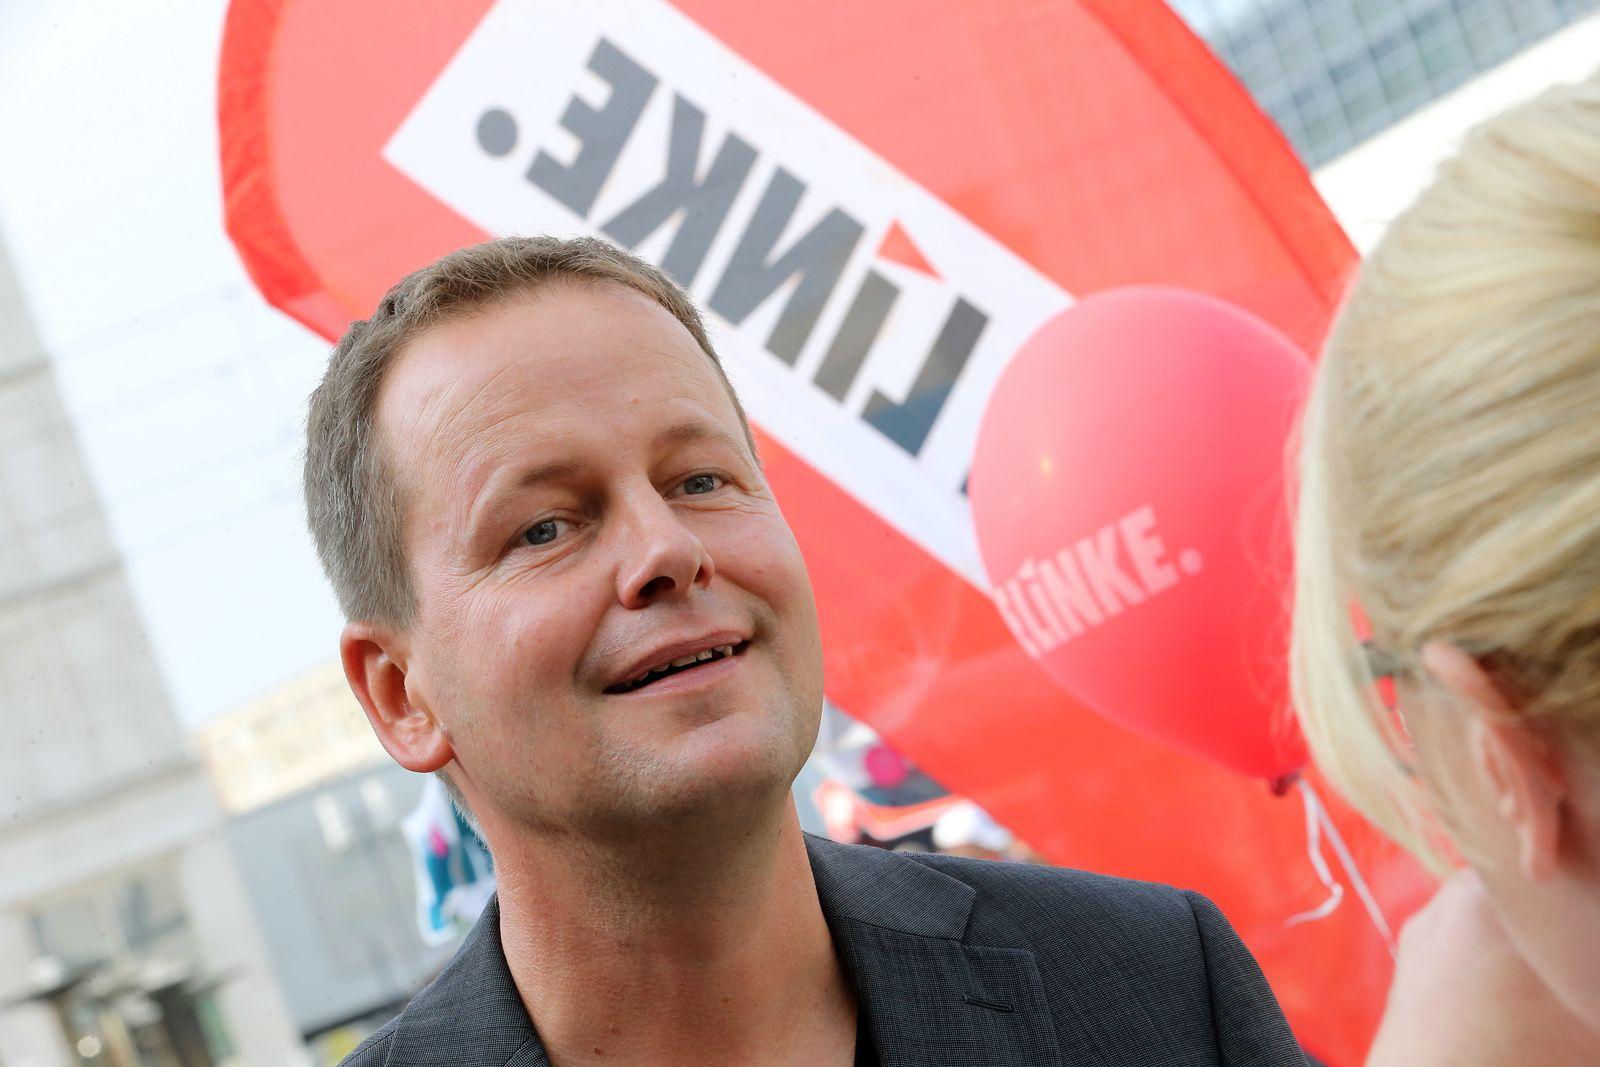 Linke/ Klaus Lederer